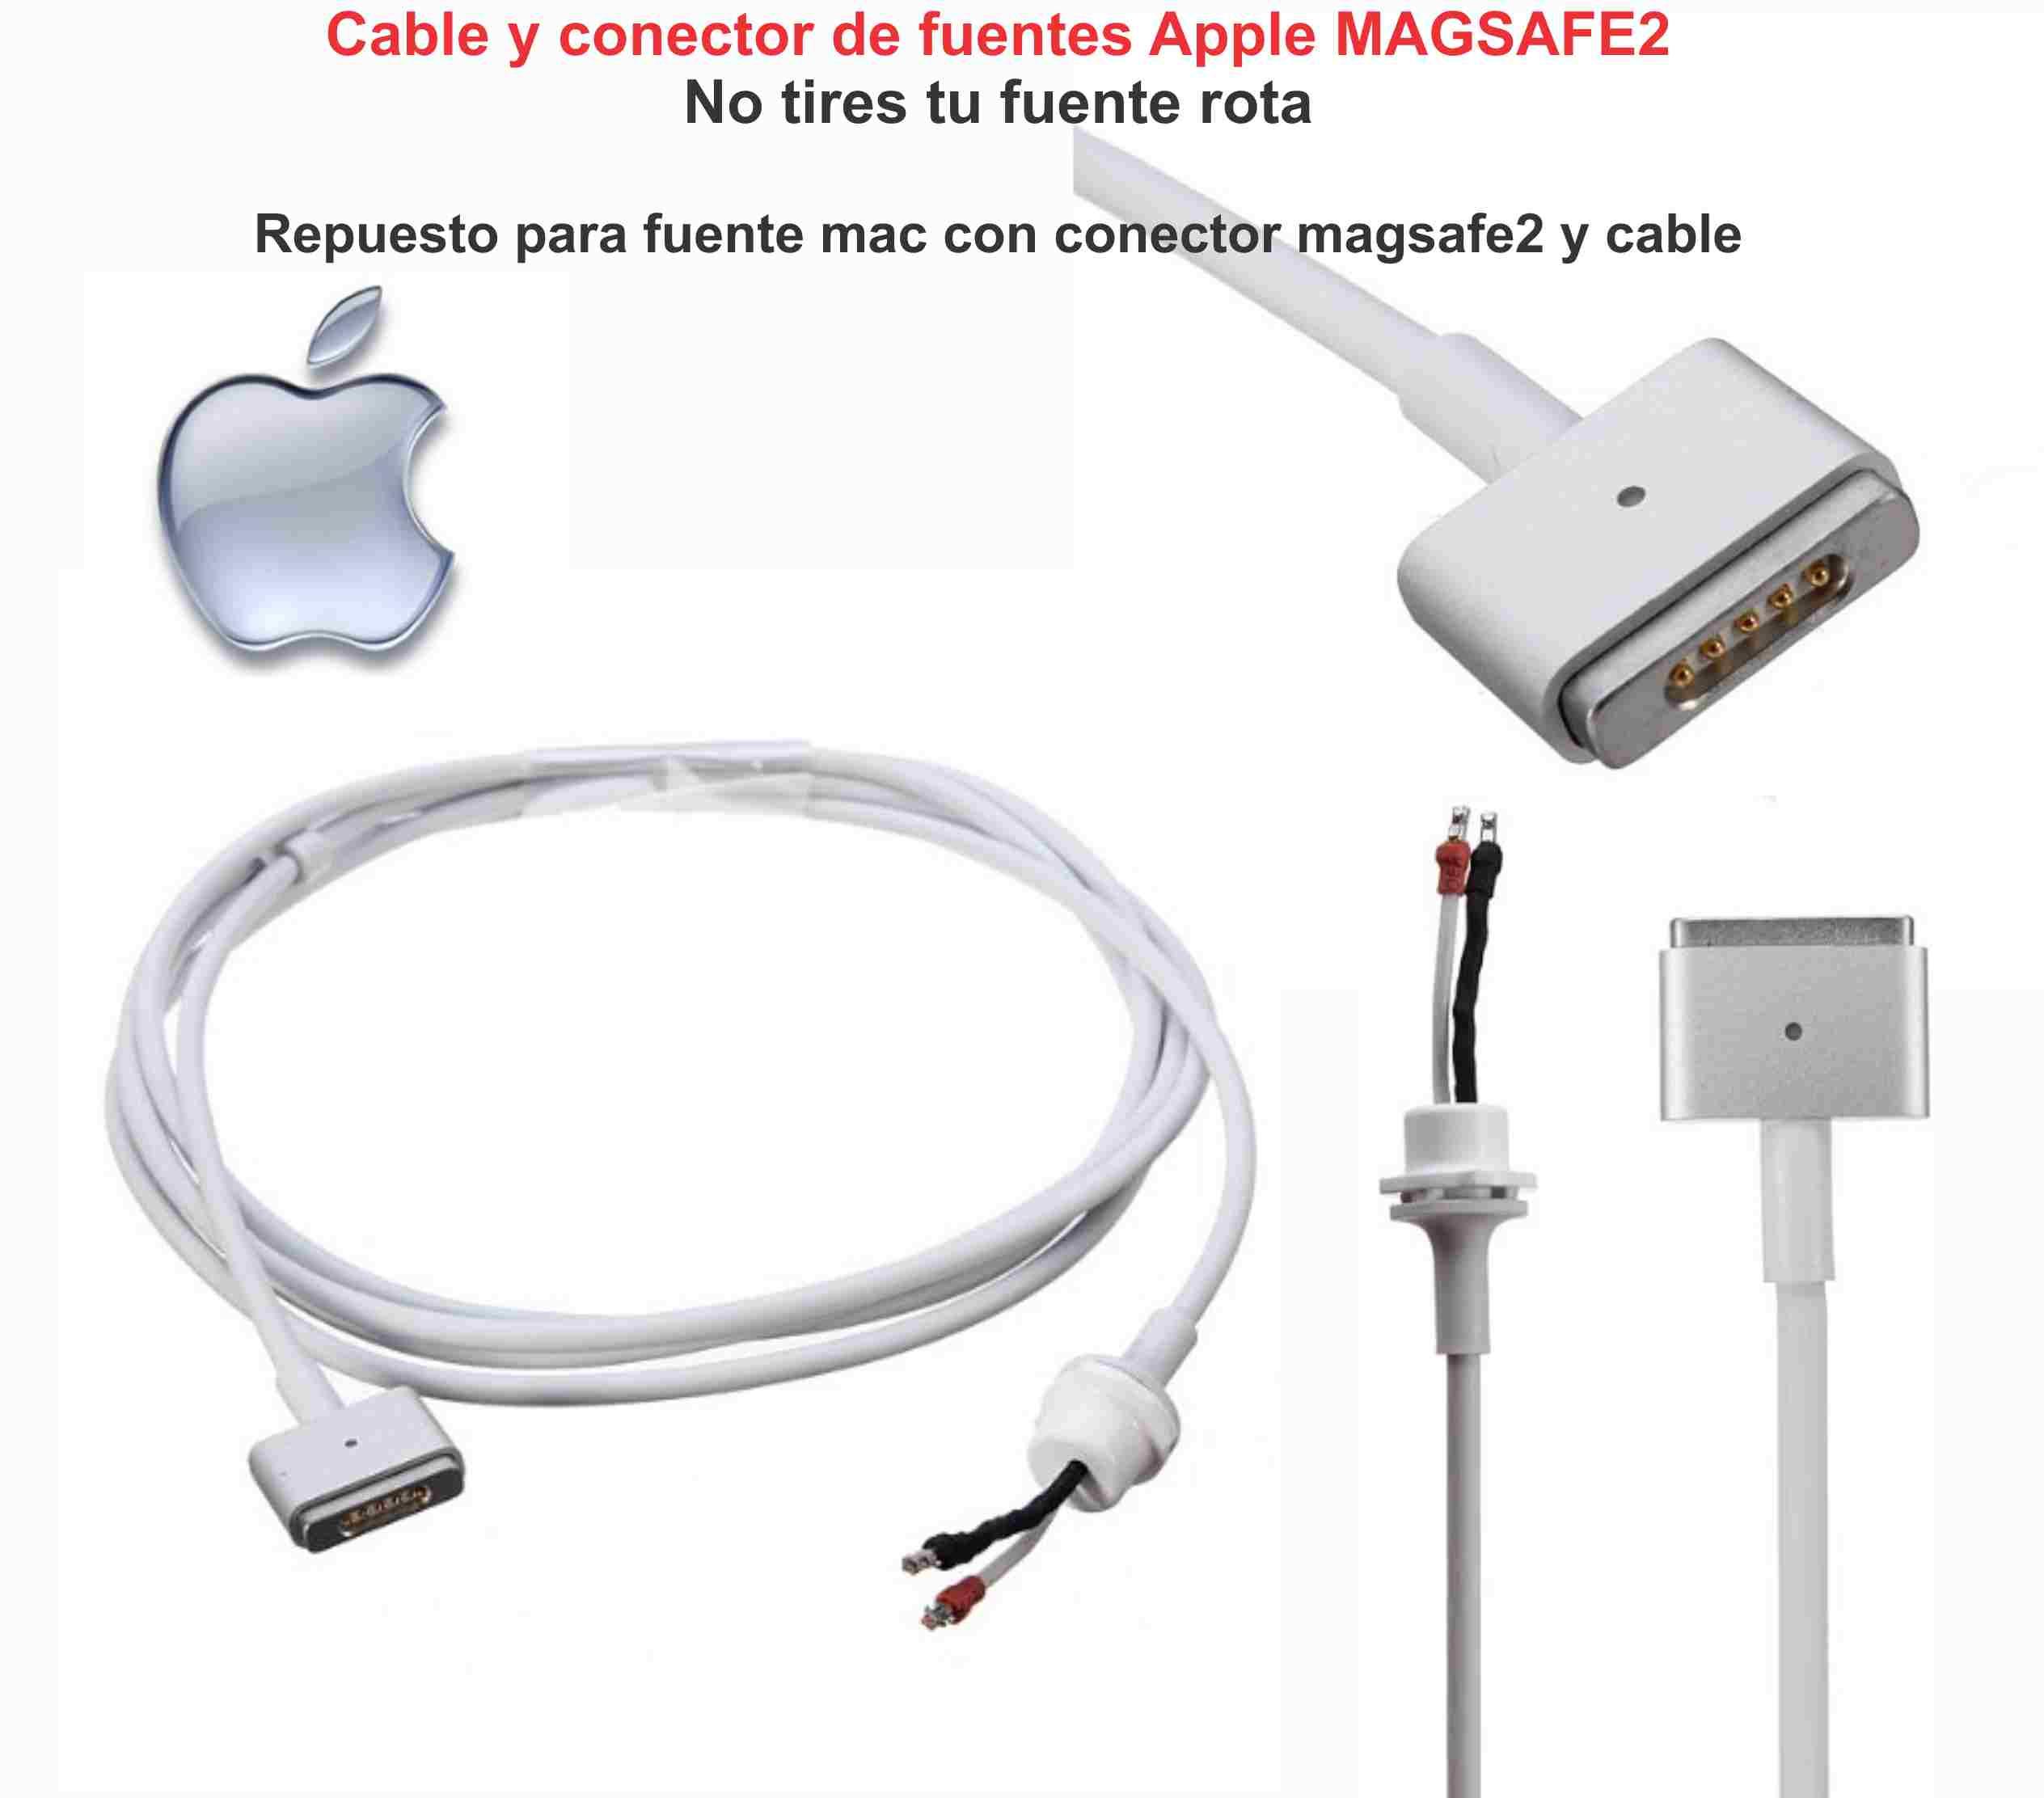 fuente mac